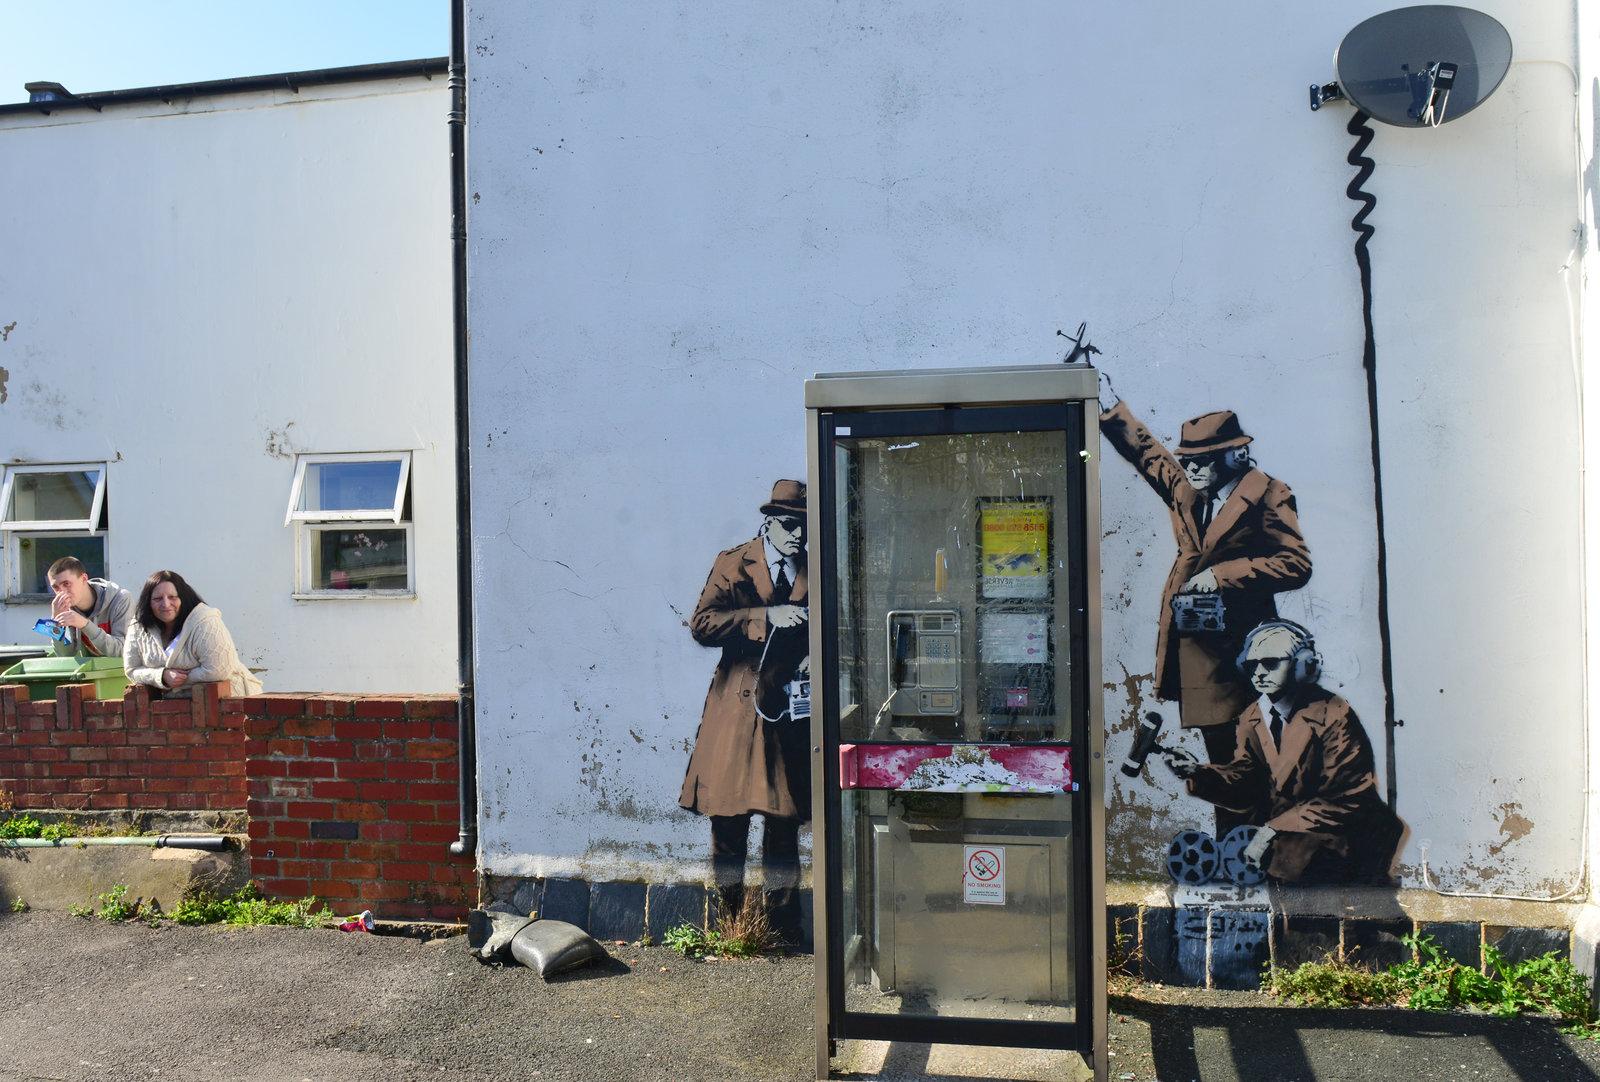 banksy_surveillance